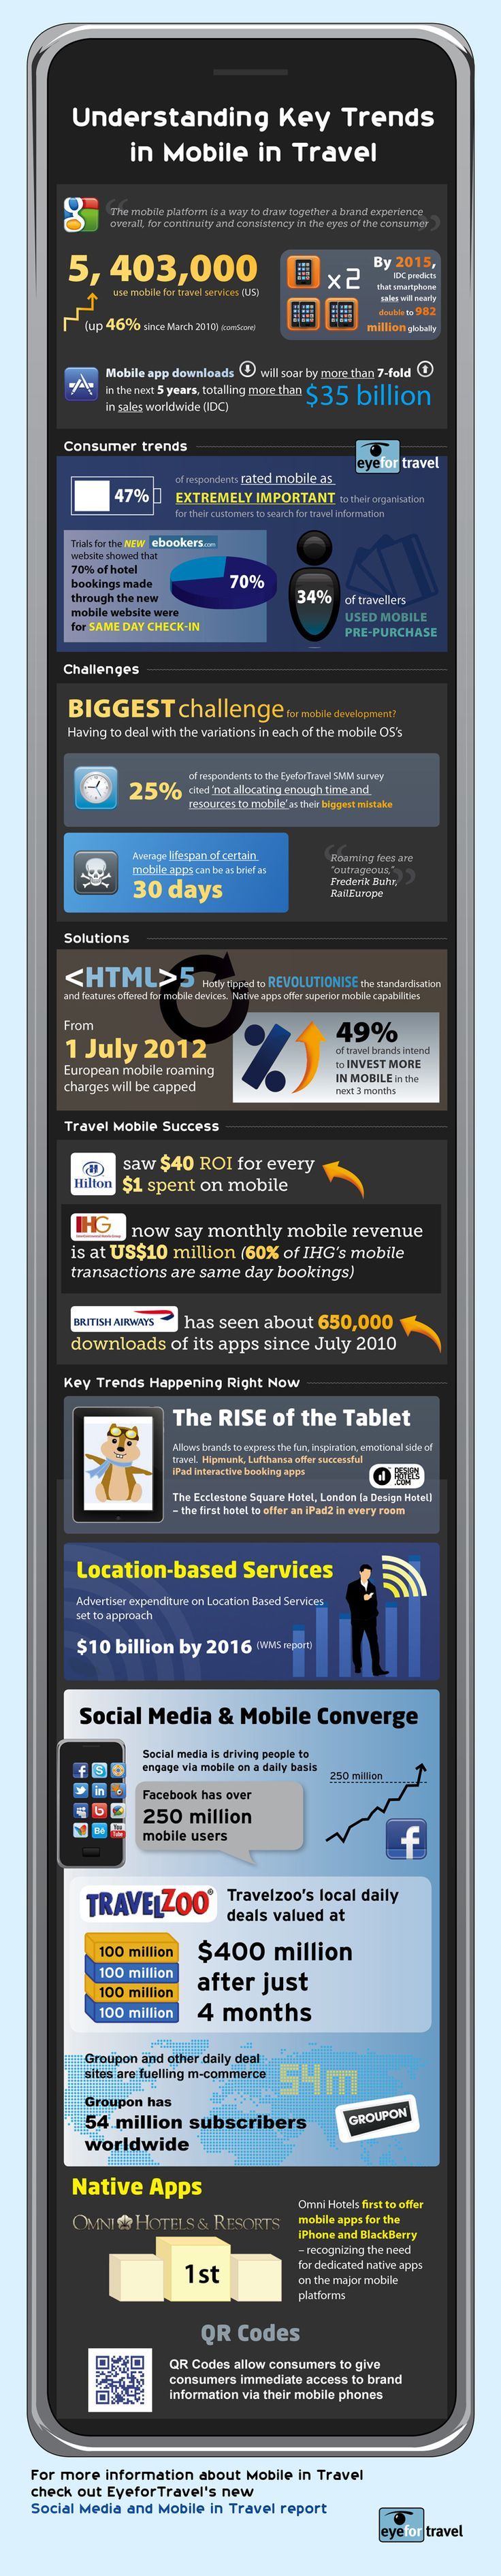 Understanding key trends in mobile in travel